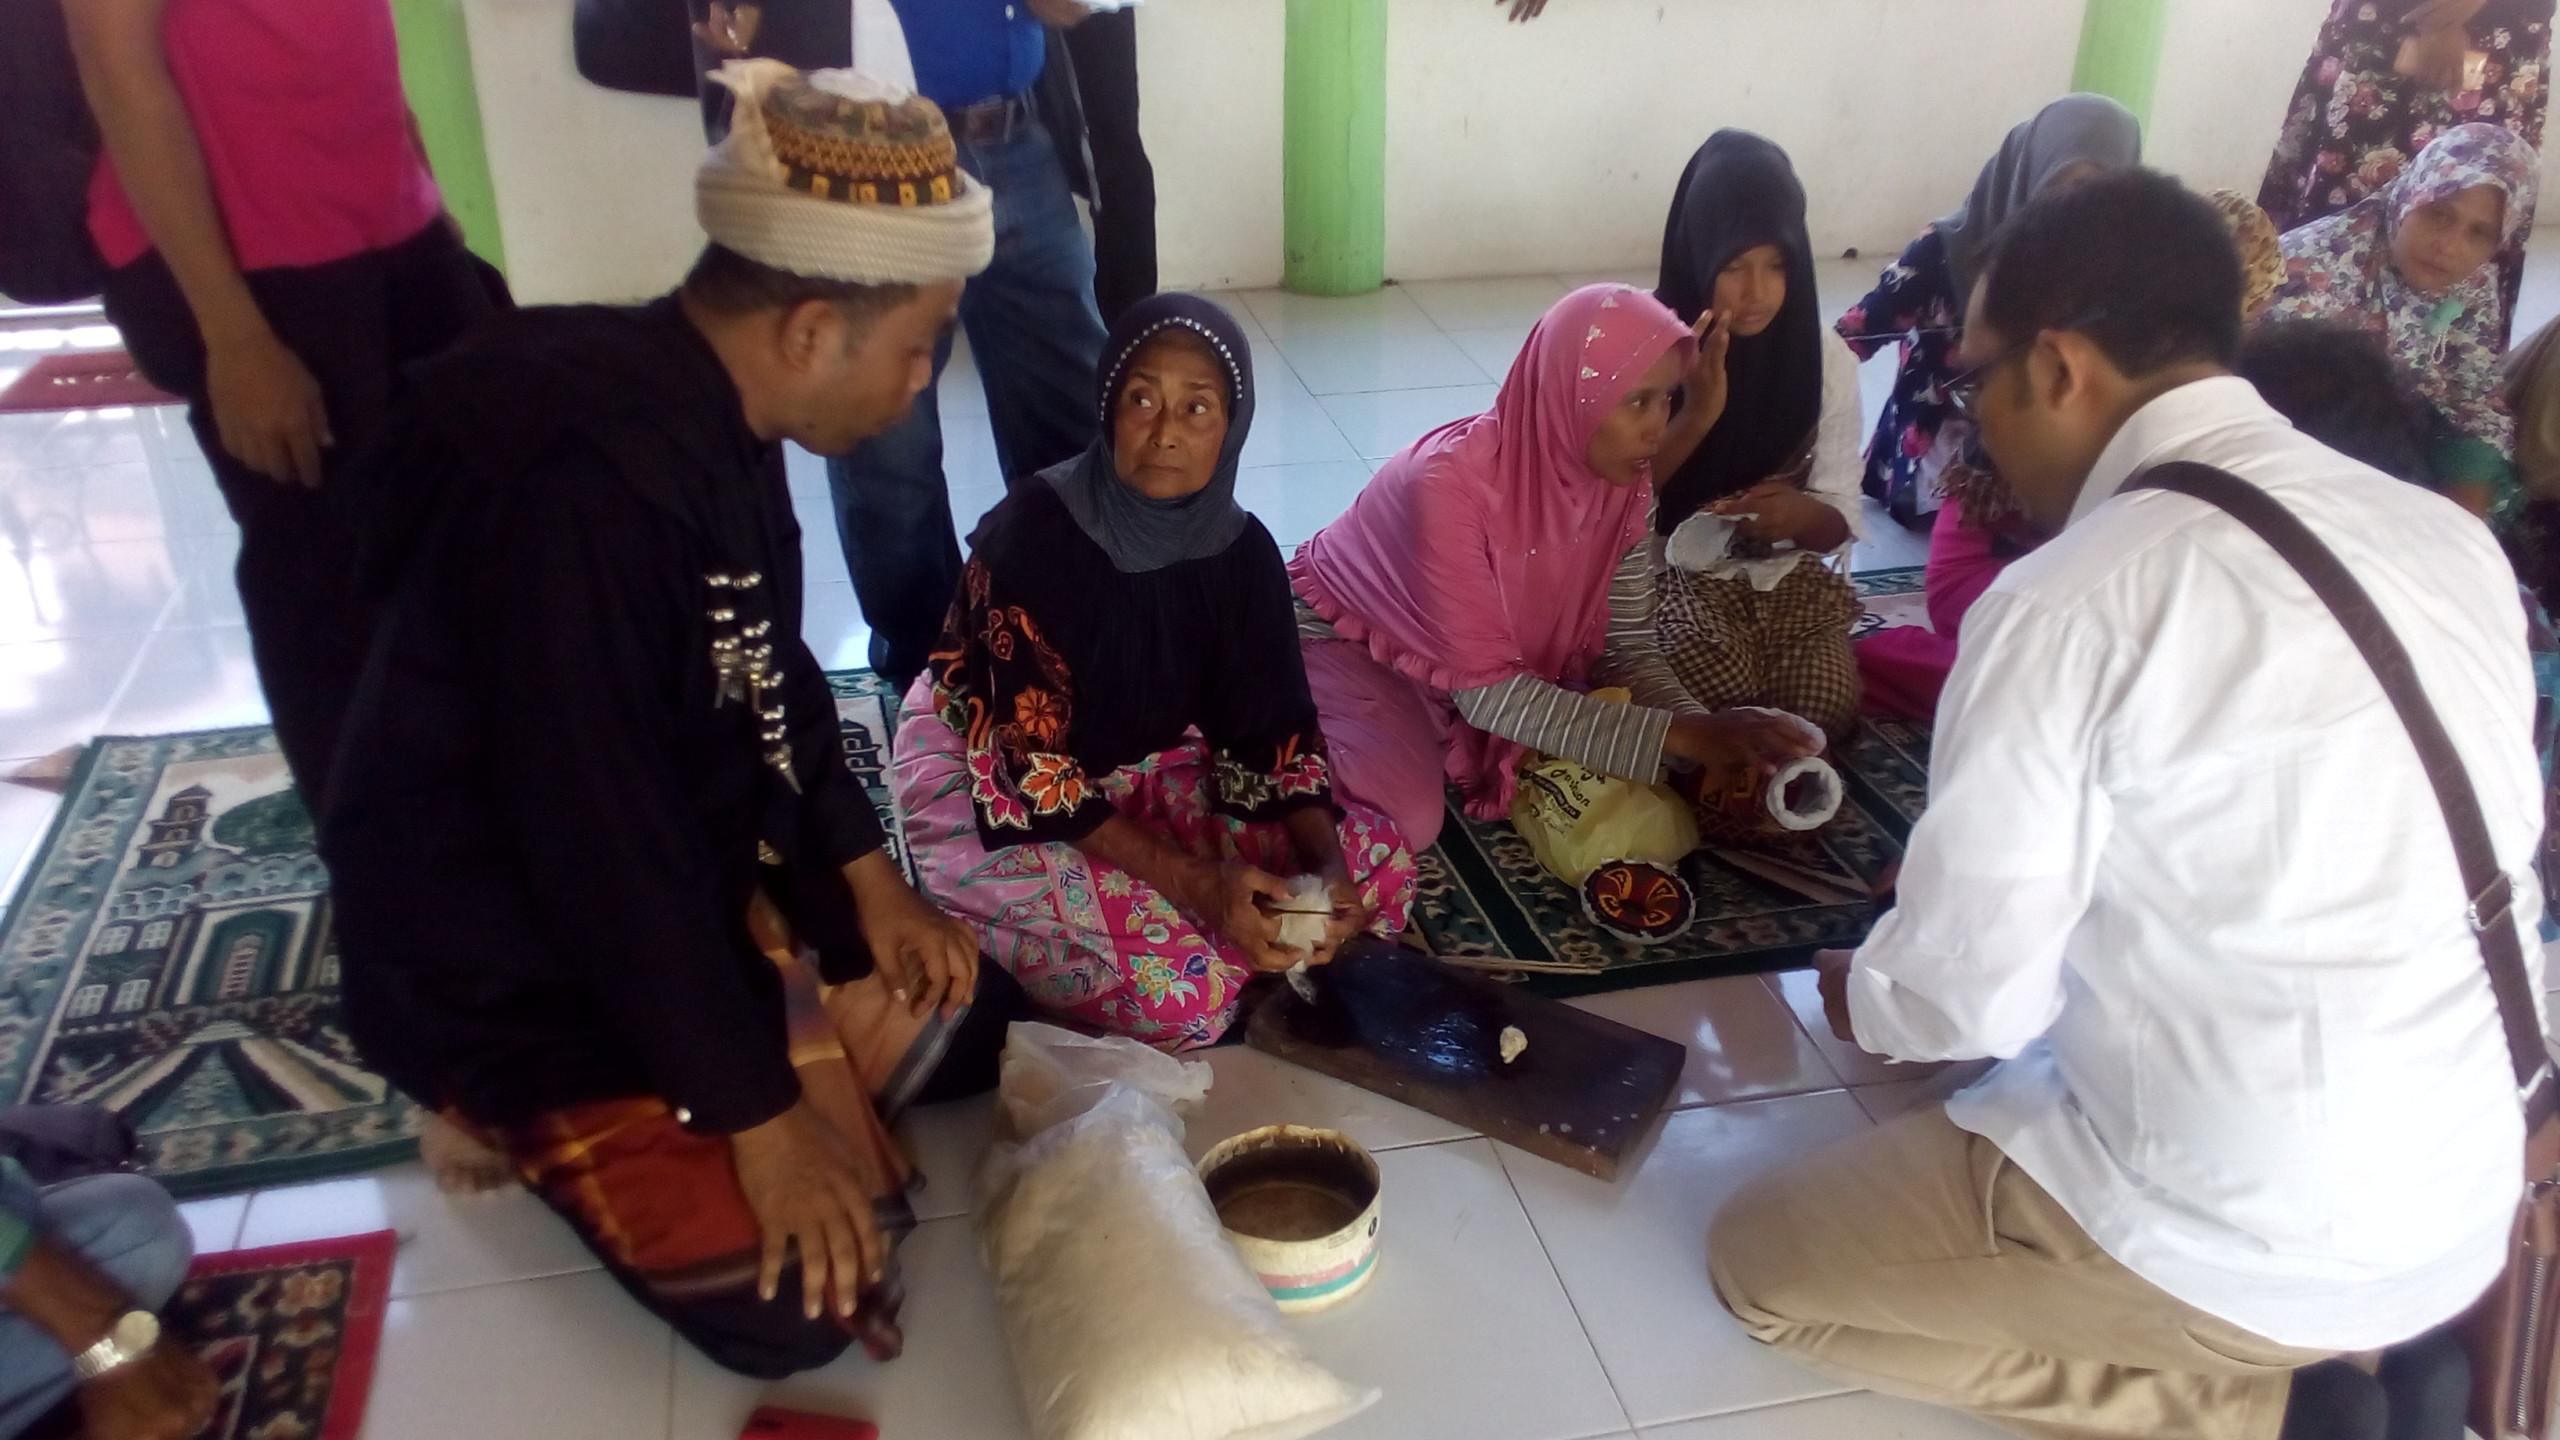 Proses produksi kupiah Meukeutop mulai dari membentu kapas, semua dilakukan dengan cara konvesional (Gambar diambil di Gampong Garot Cut Kec. Indra Jaya Kab.Pidie)